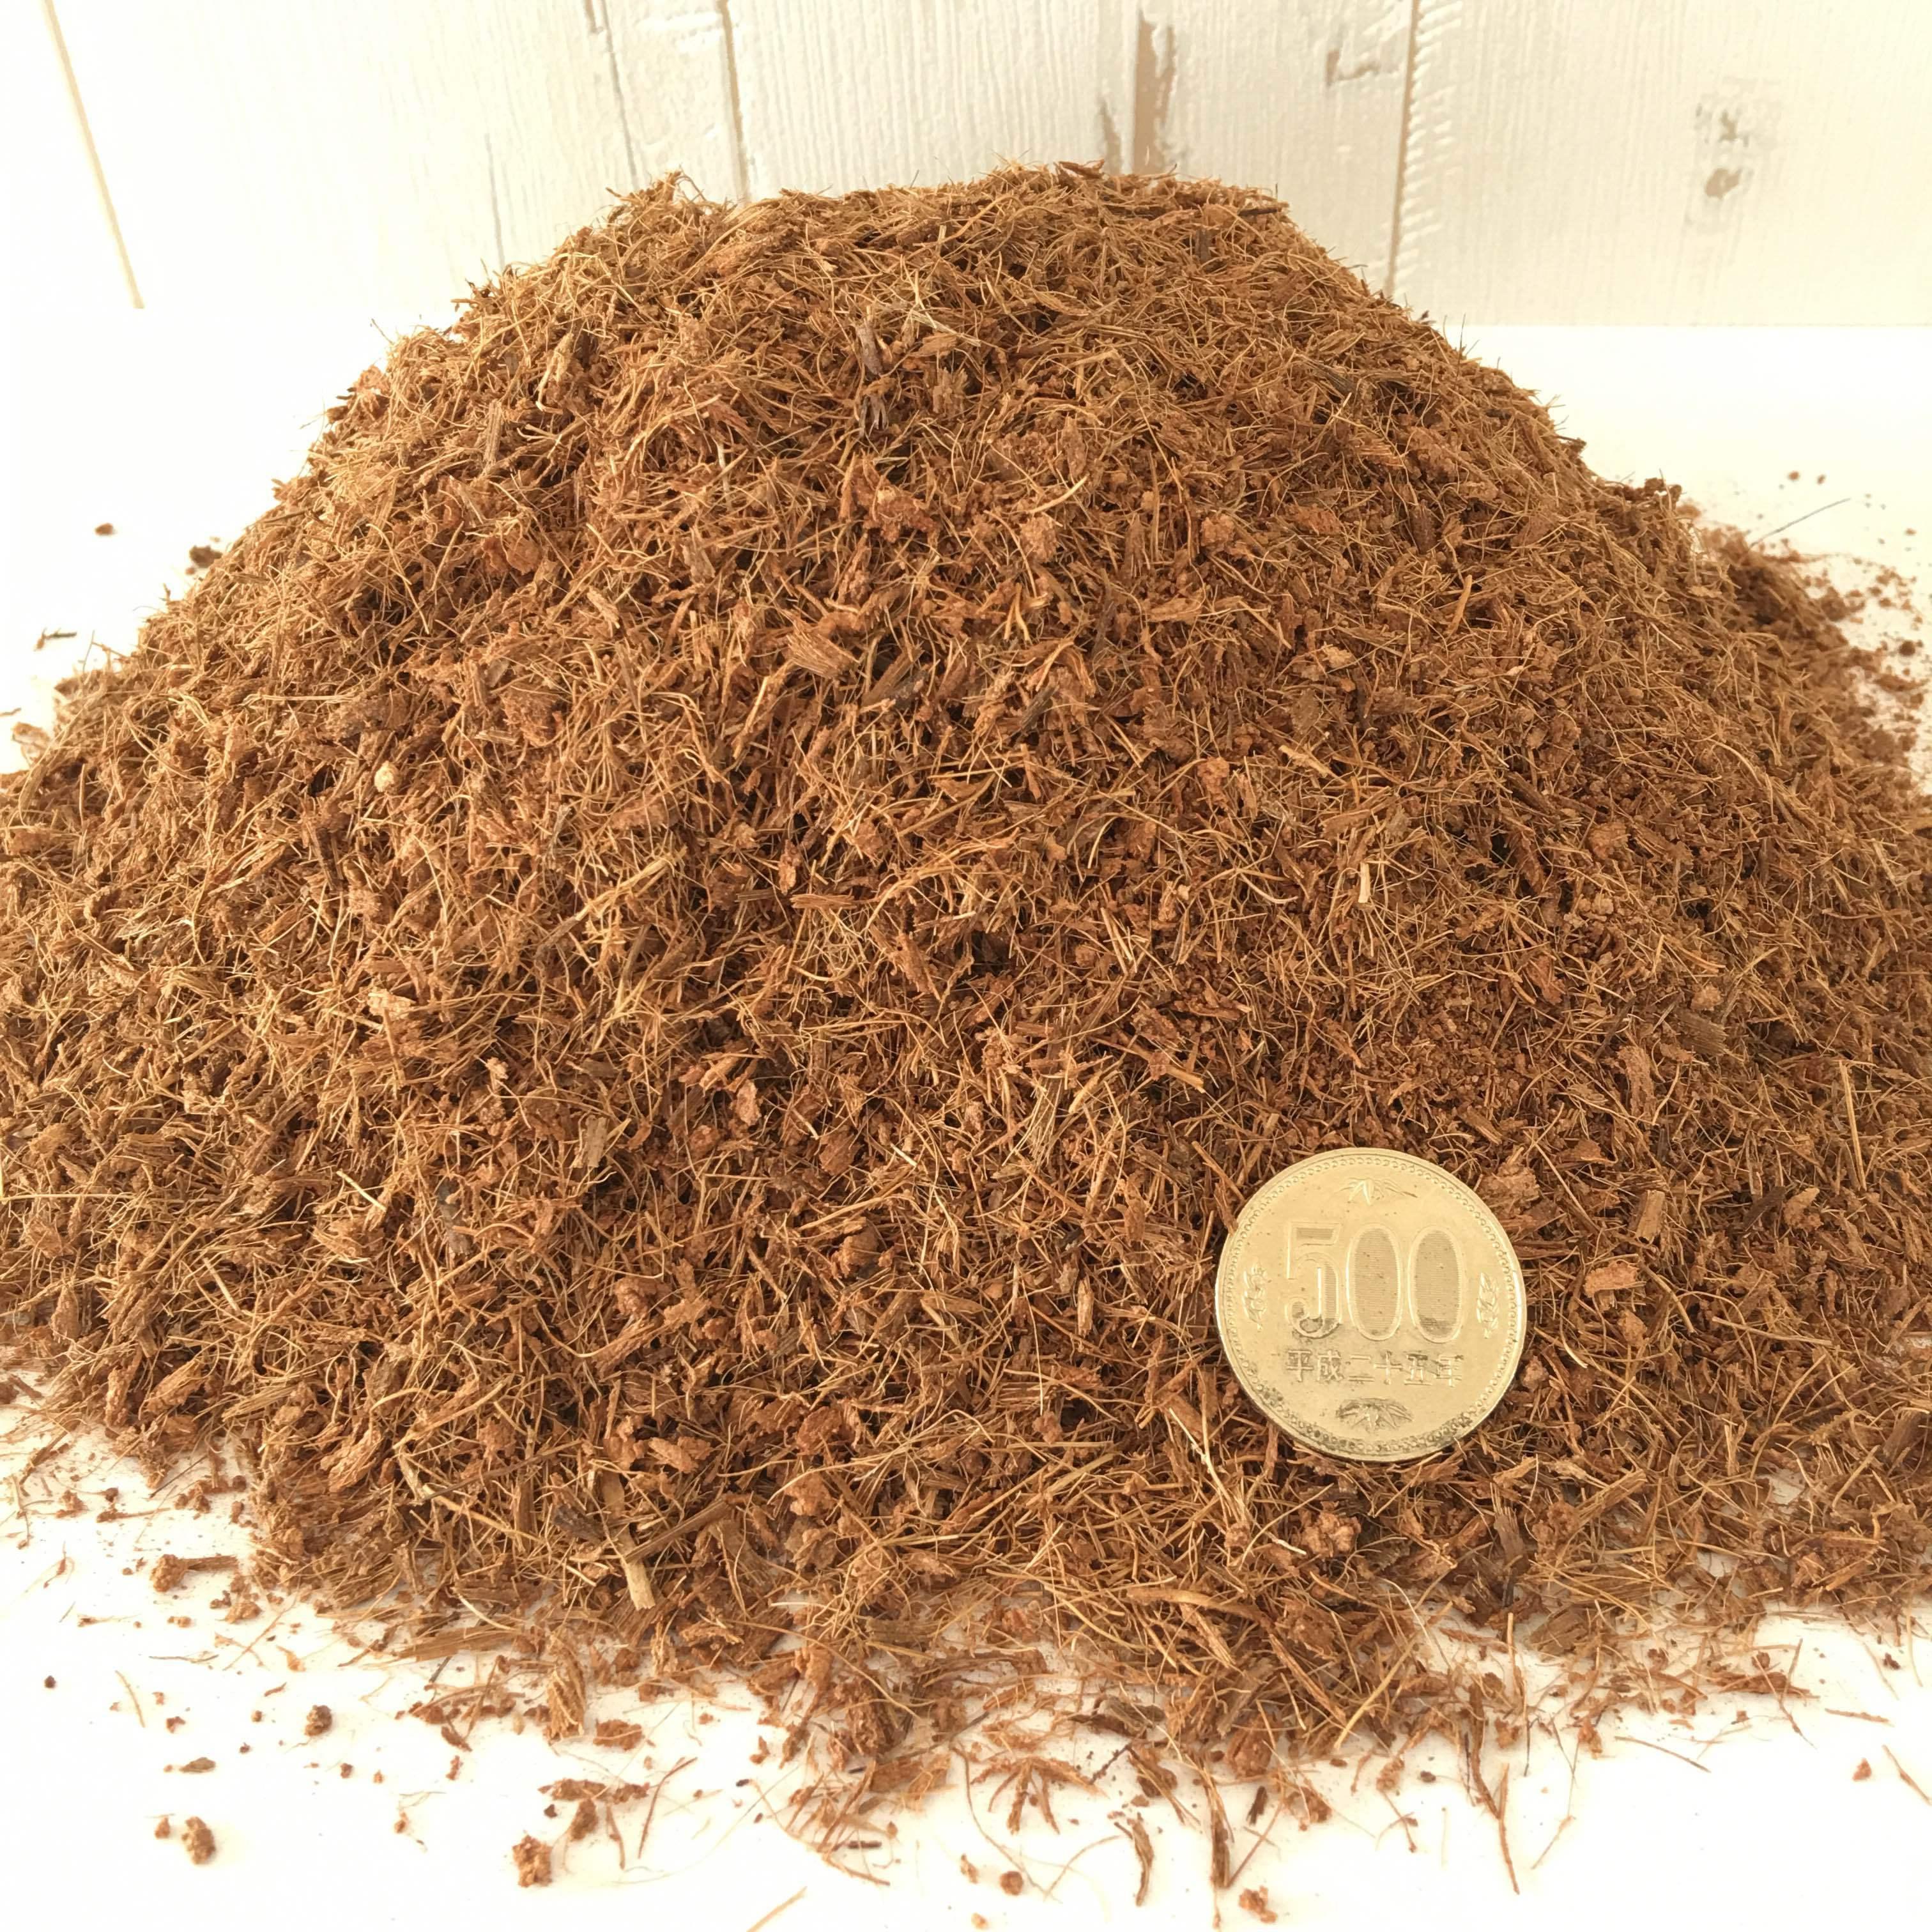 【ベラボンサキュレント】多肉植物ギャザリング寄せ植え用1リットル - 画像3